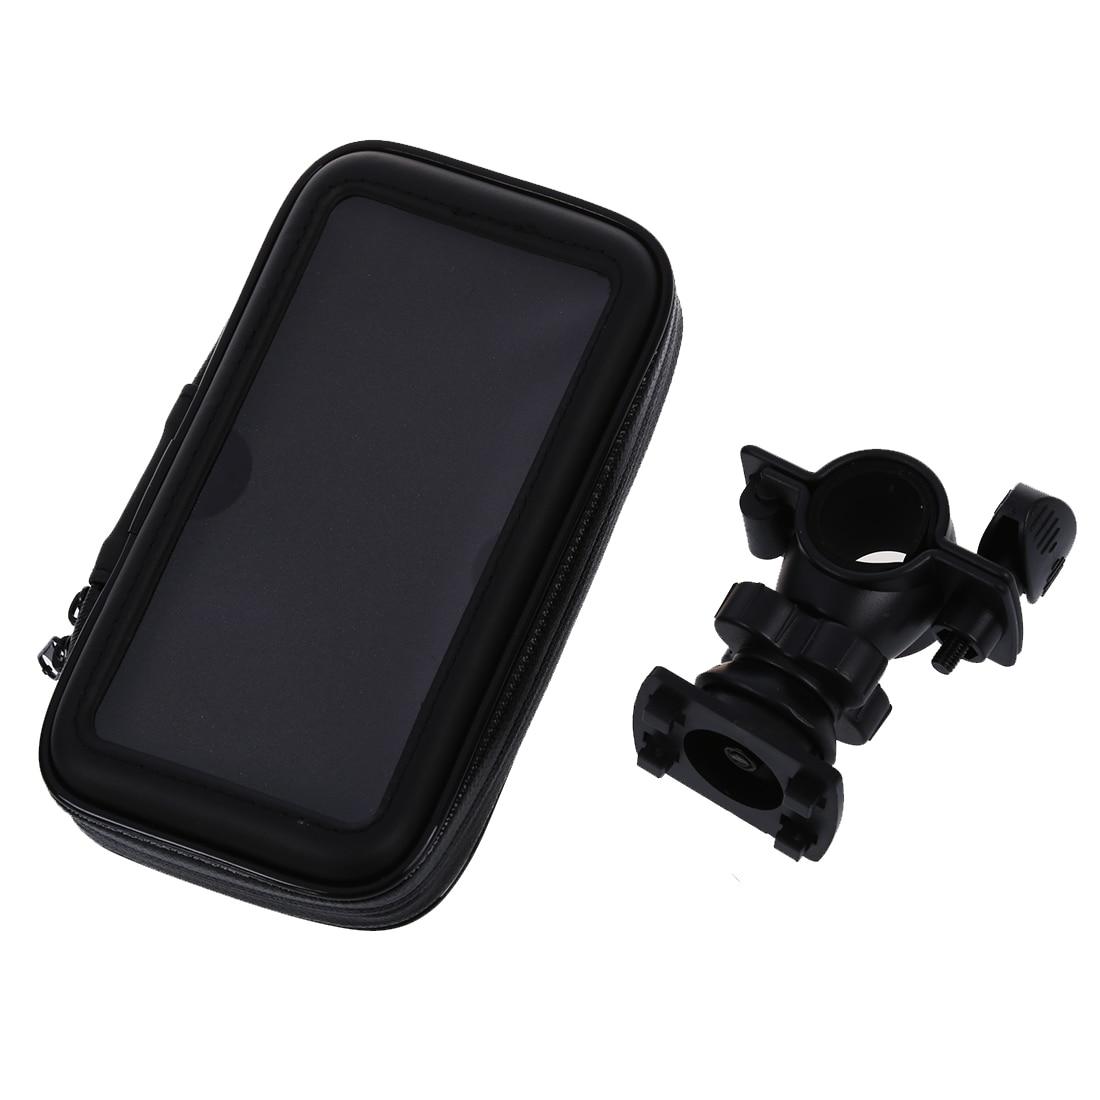 I9300 Водонепроницаемый велосипед держатель для Samsung Galaxy S3 i9300 HTC One X M7 S4 i9500 Руль управления для мотоциклов Стенд Сумка чехол, водонепроницаемы…